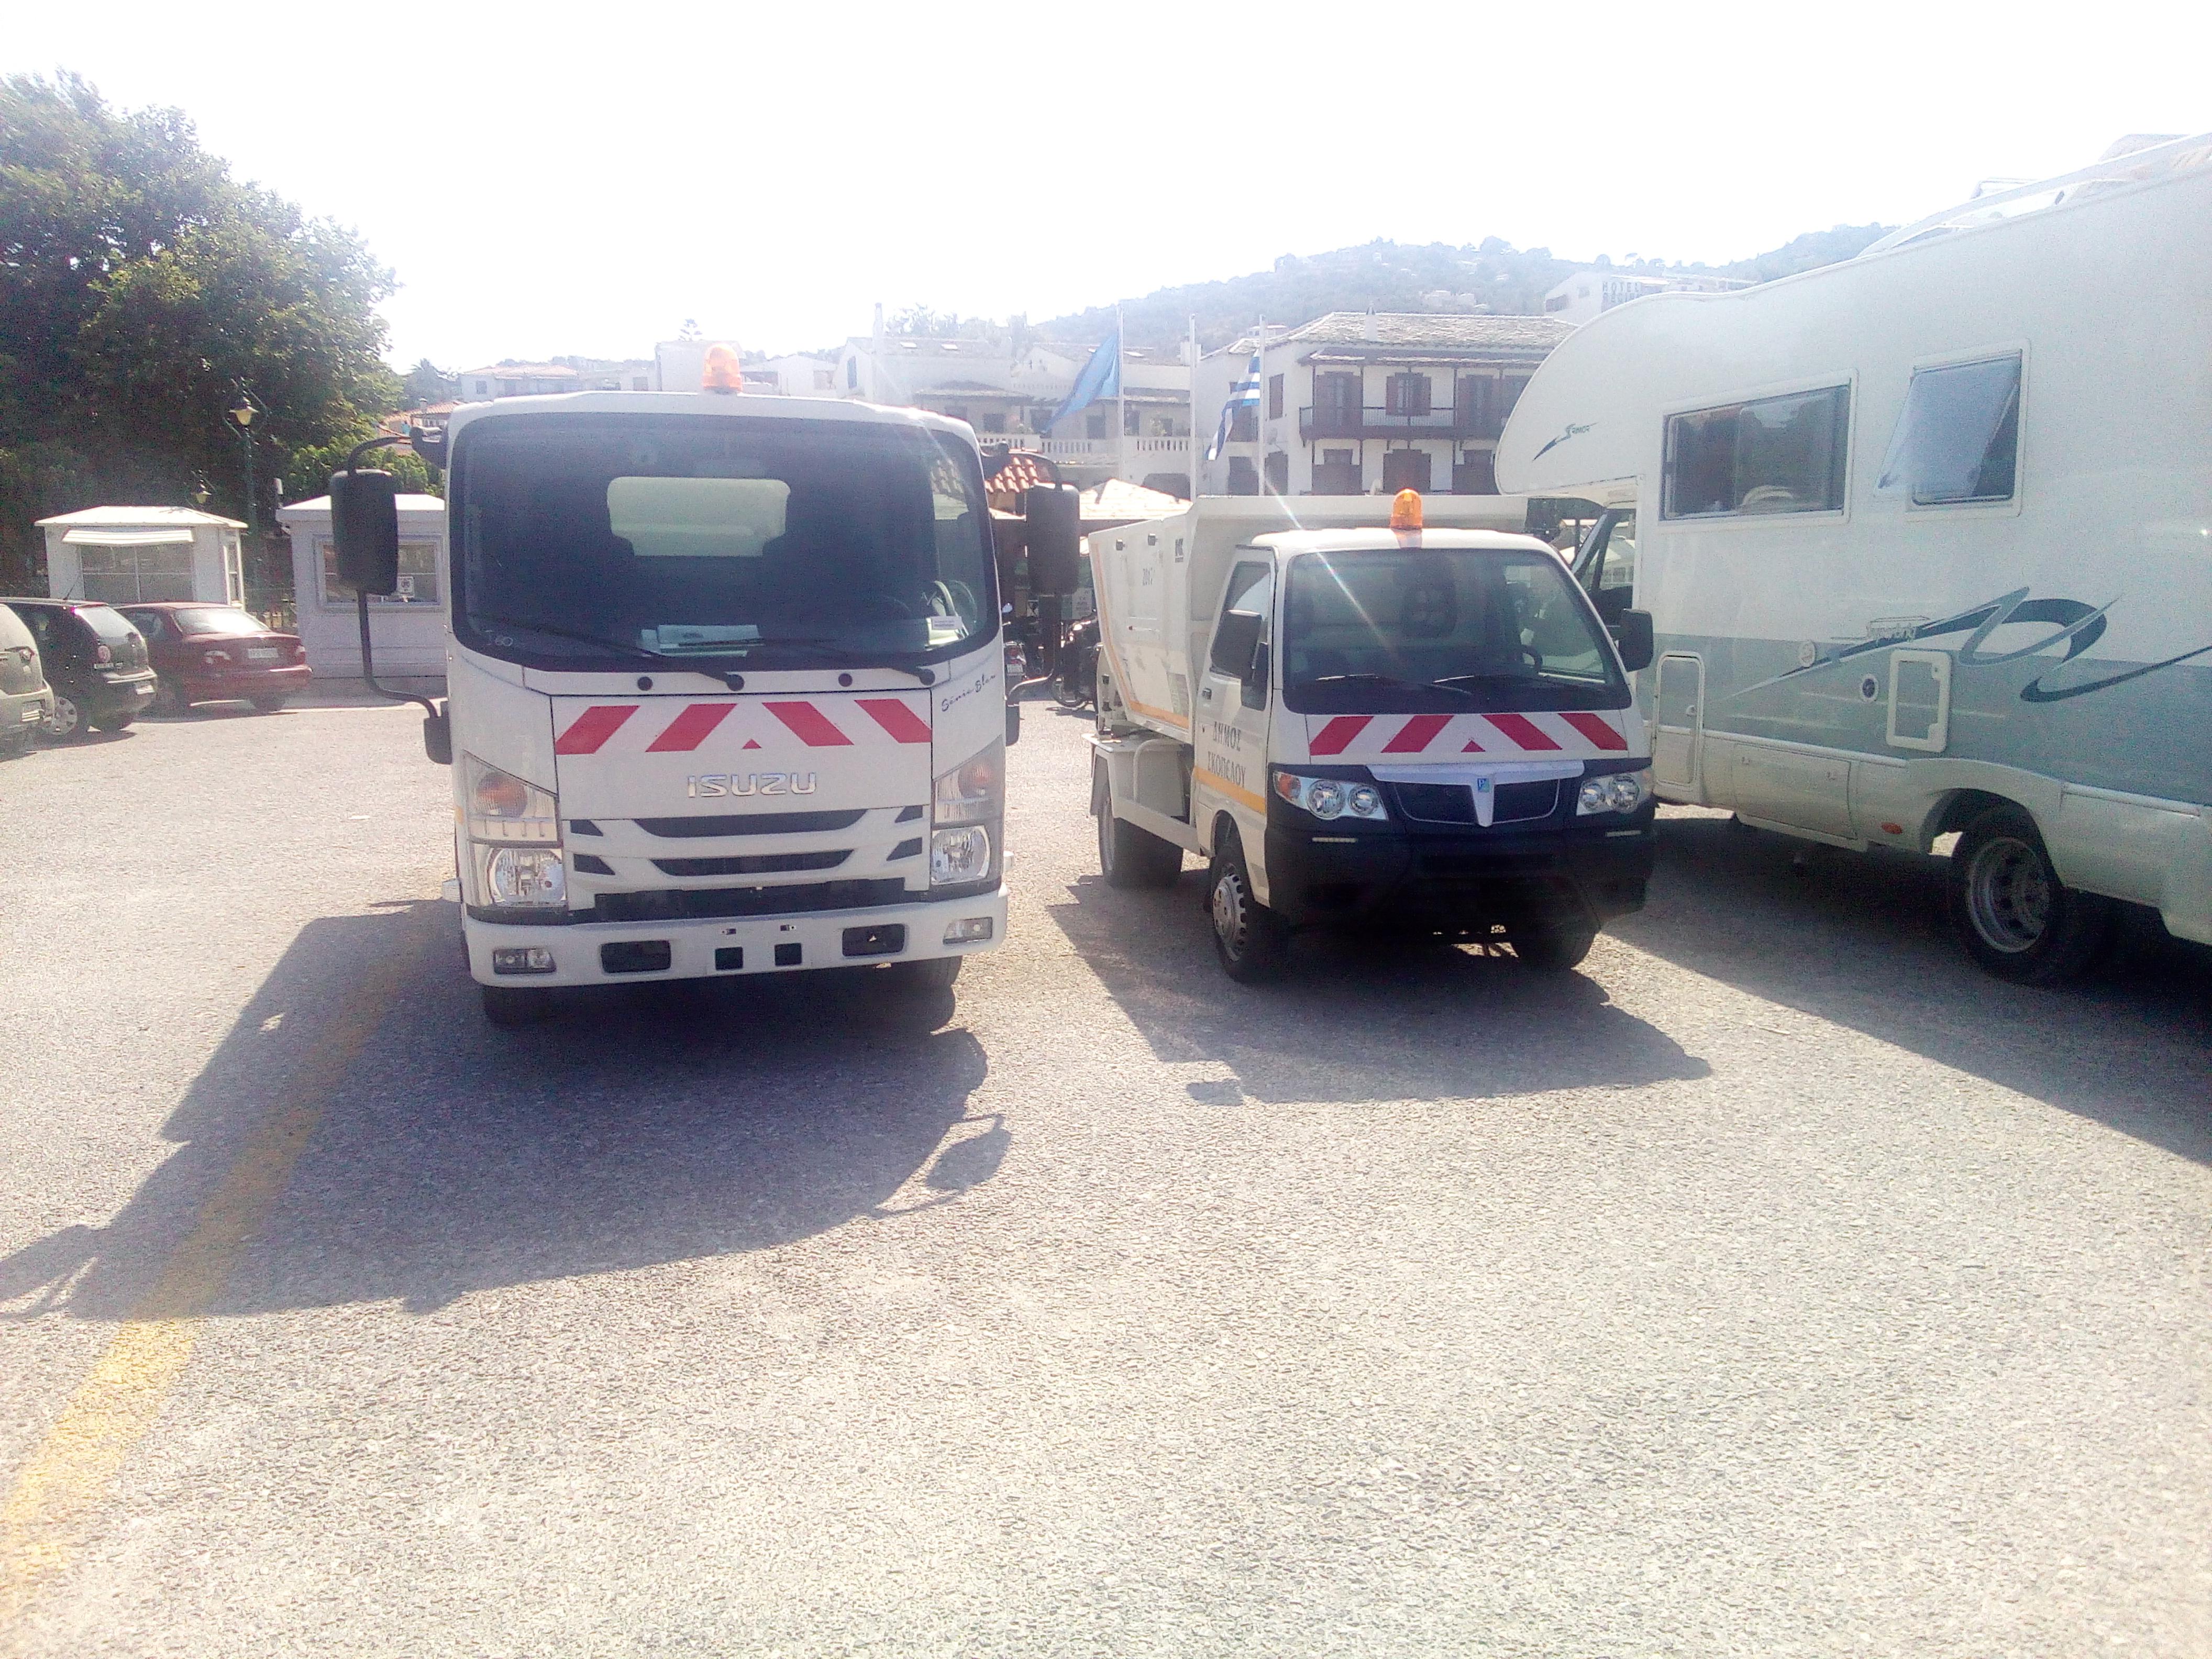 Παρκαρισμένα τα καινούργια απορριματοφόρα που πήρε ο Δήμος Σκοπέλου.